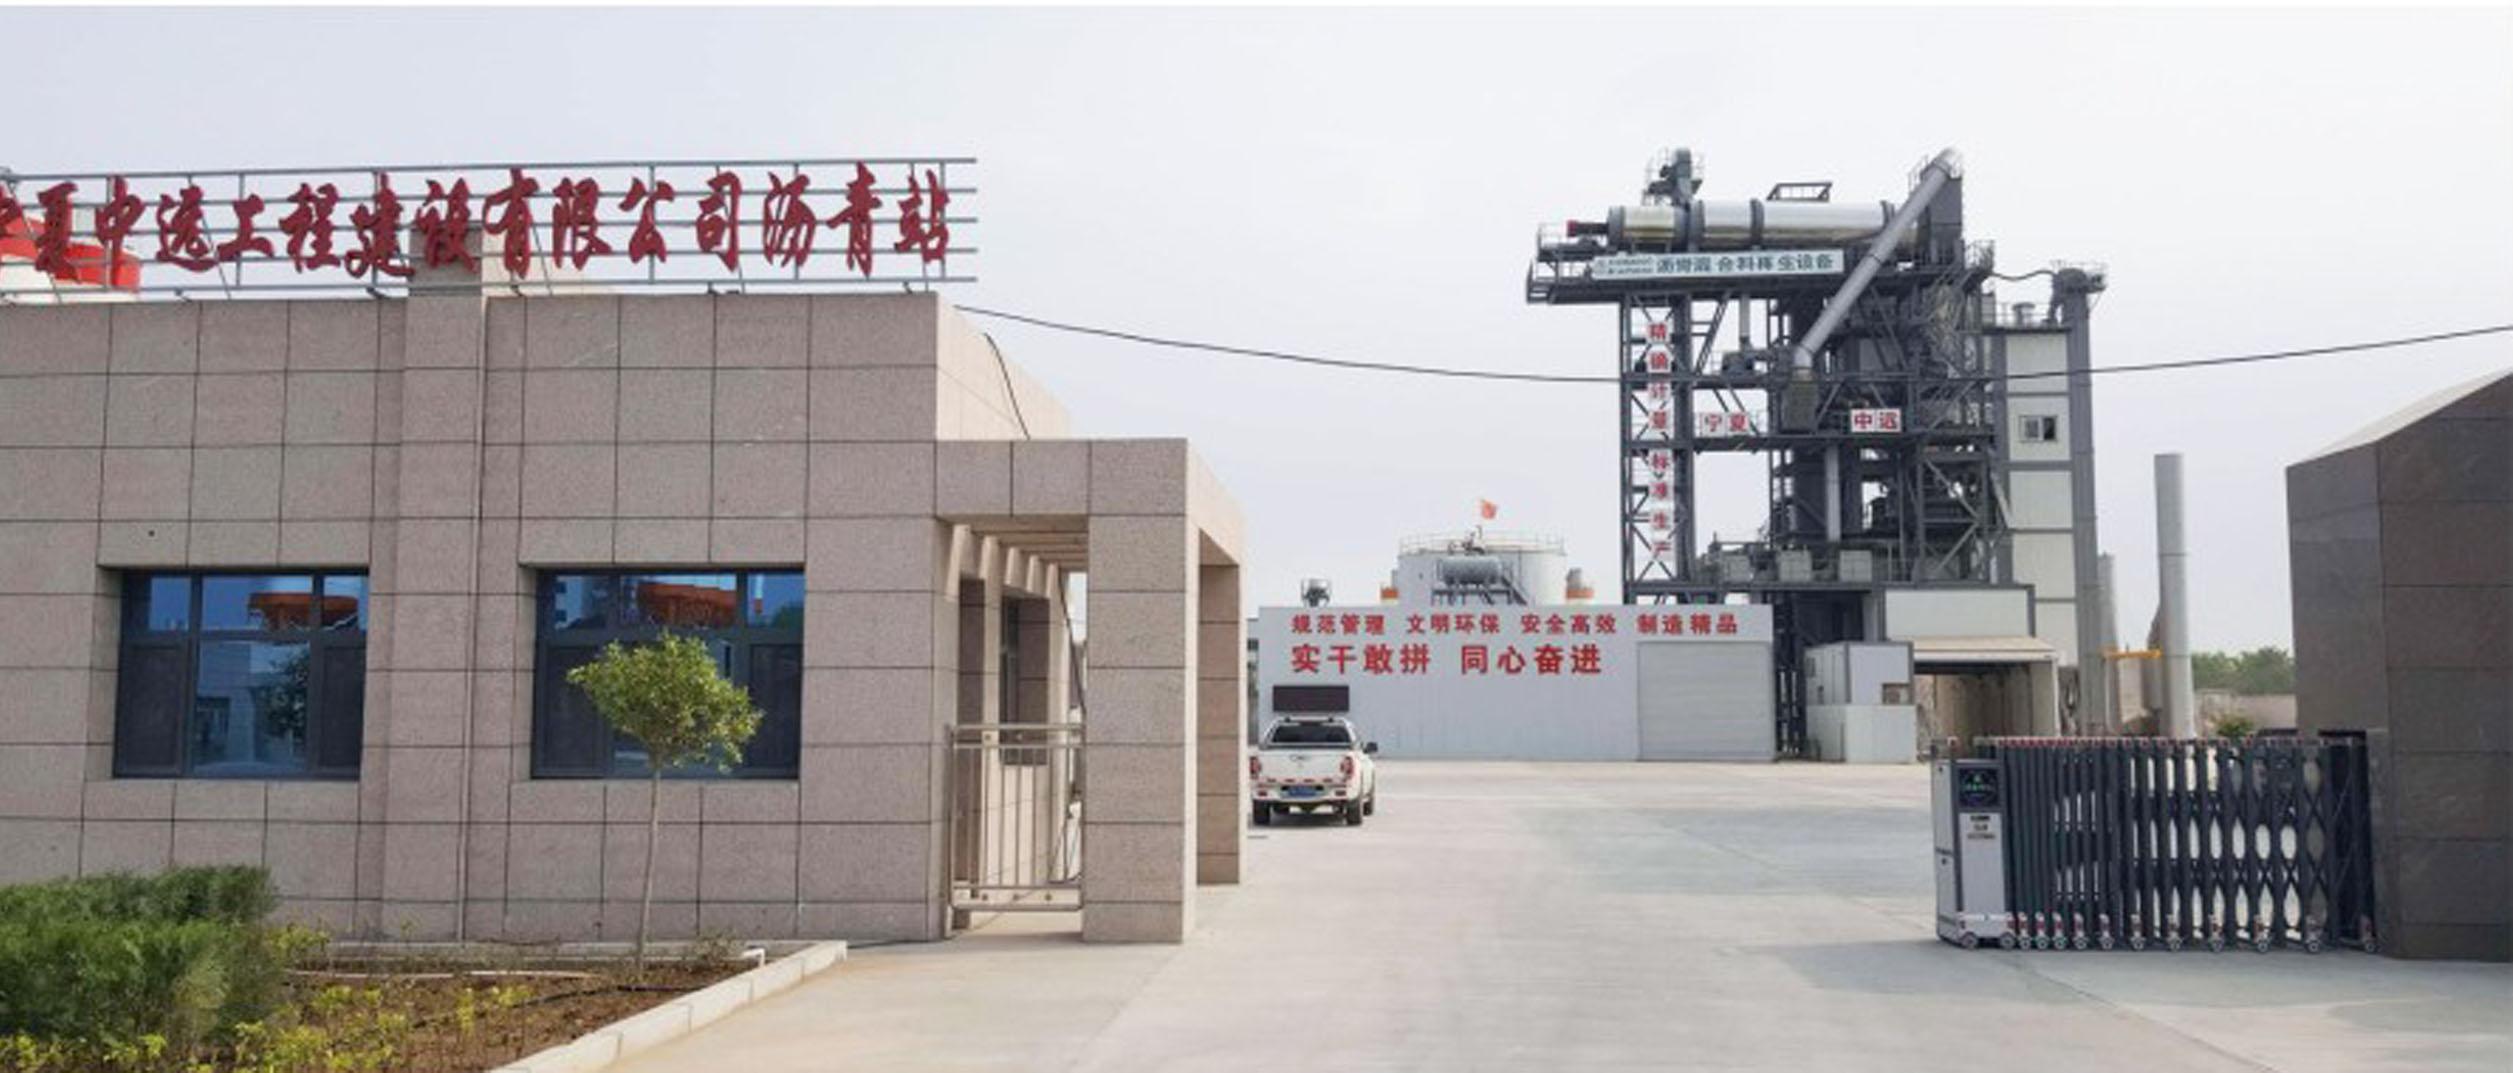 RAP系列沥青混合料厂拌热再生设备